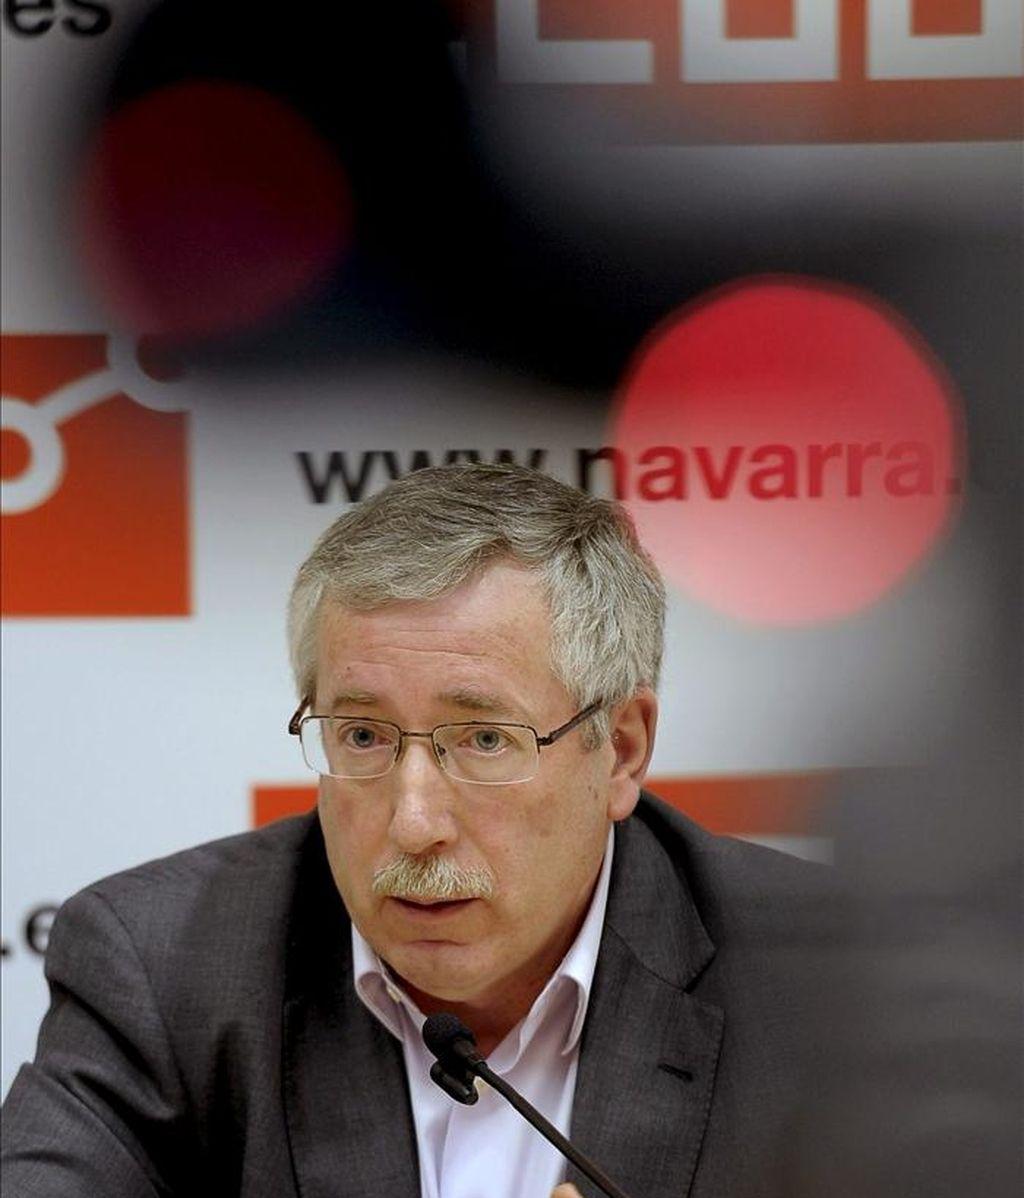 El secretario general de CCOO, Ignacio Fernández Toxo. EFE/Archivo